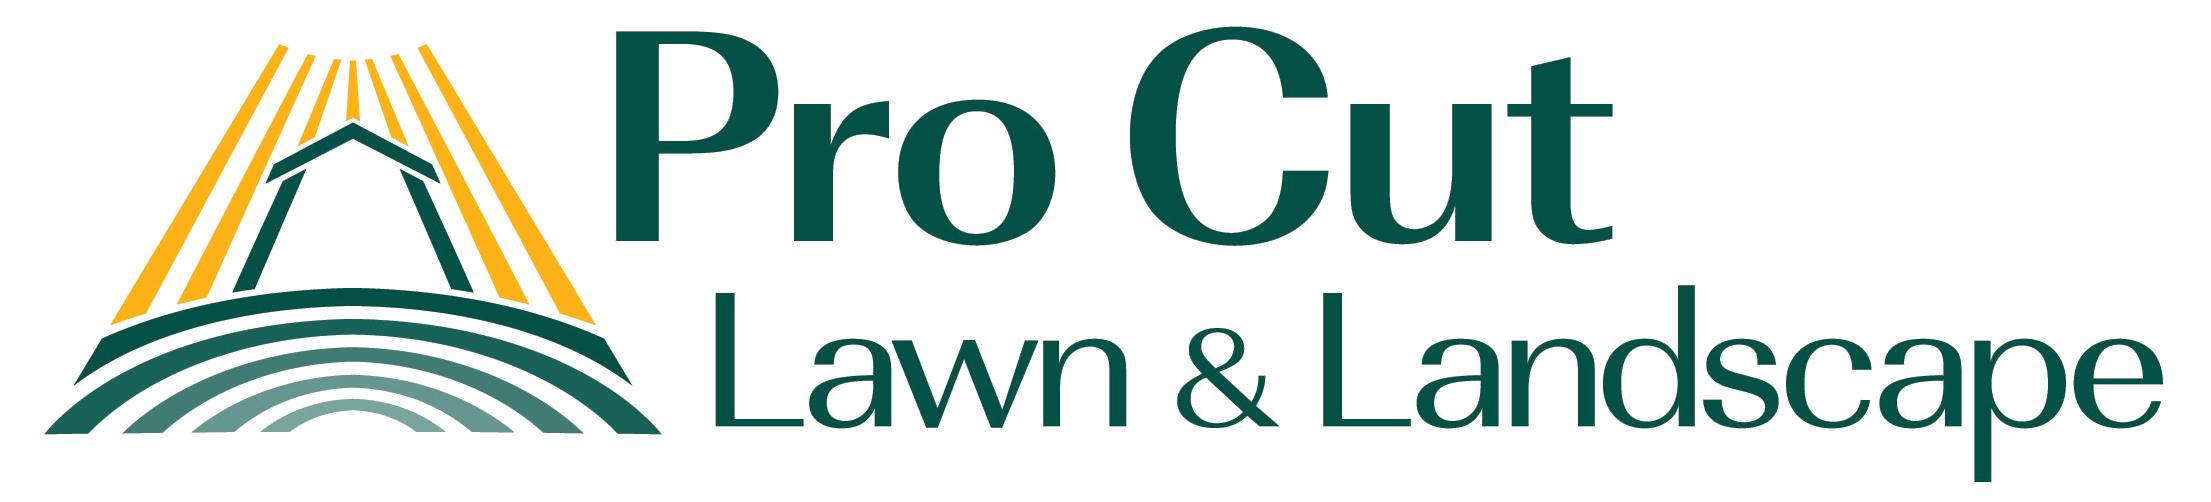 Pro Cut Lawn & Landscape